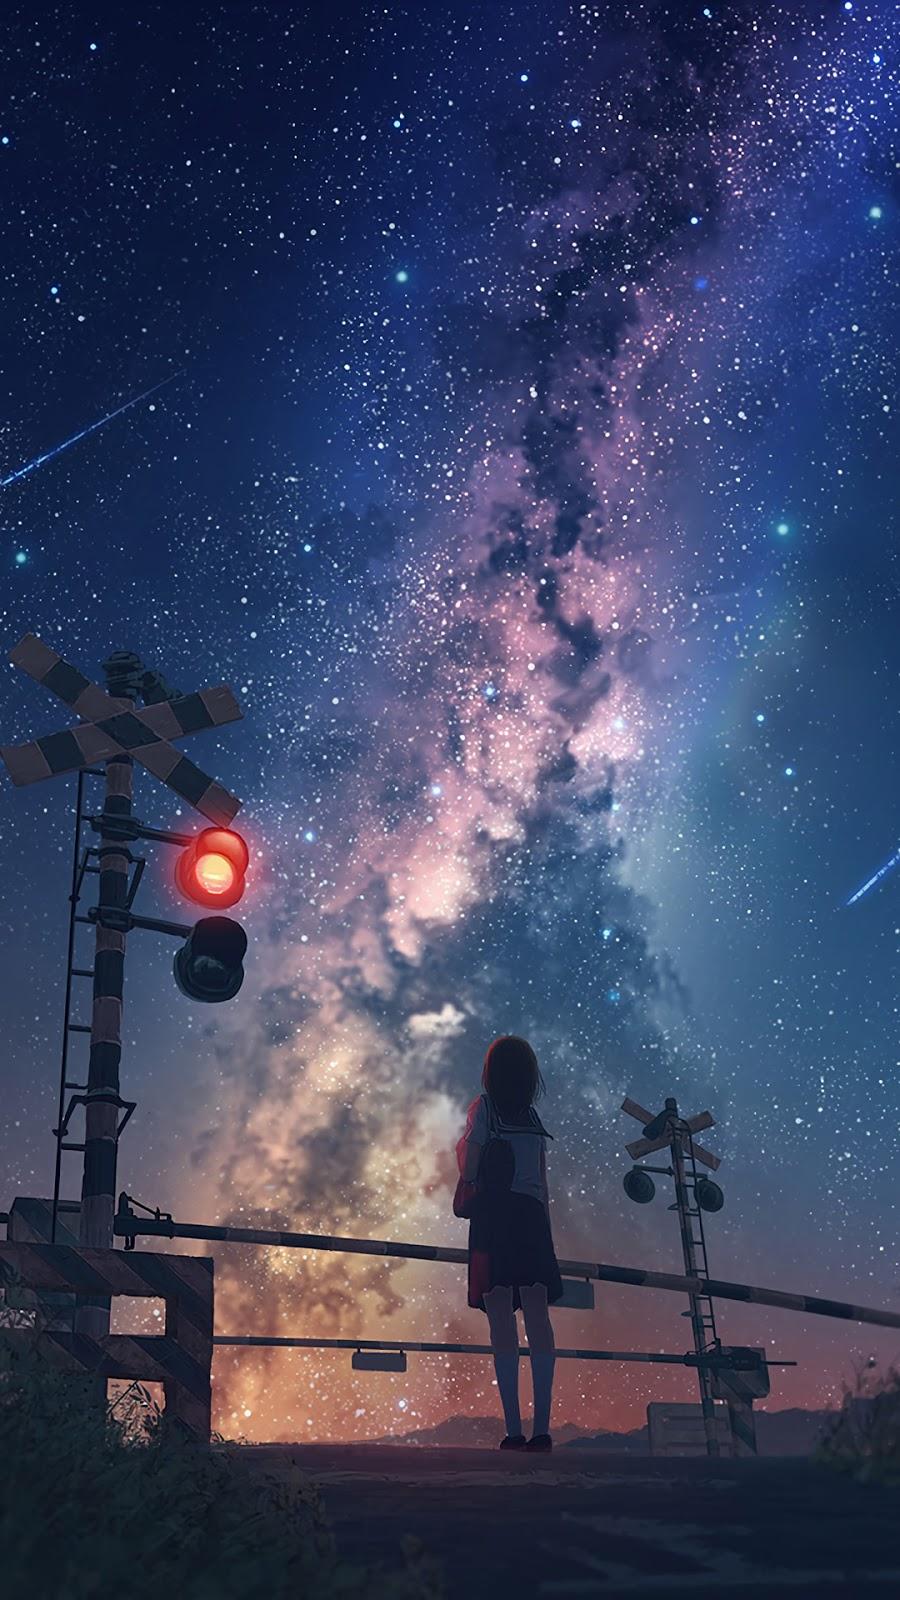 Ngắm sao giữa bầu trời đêm